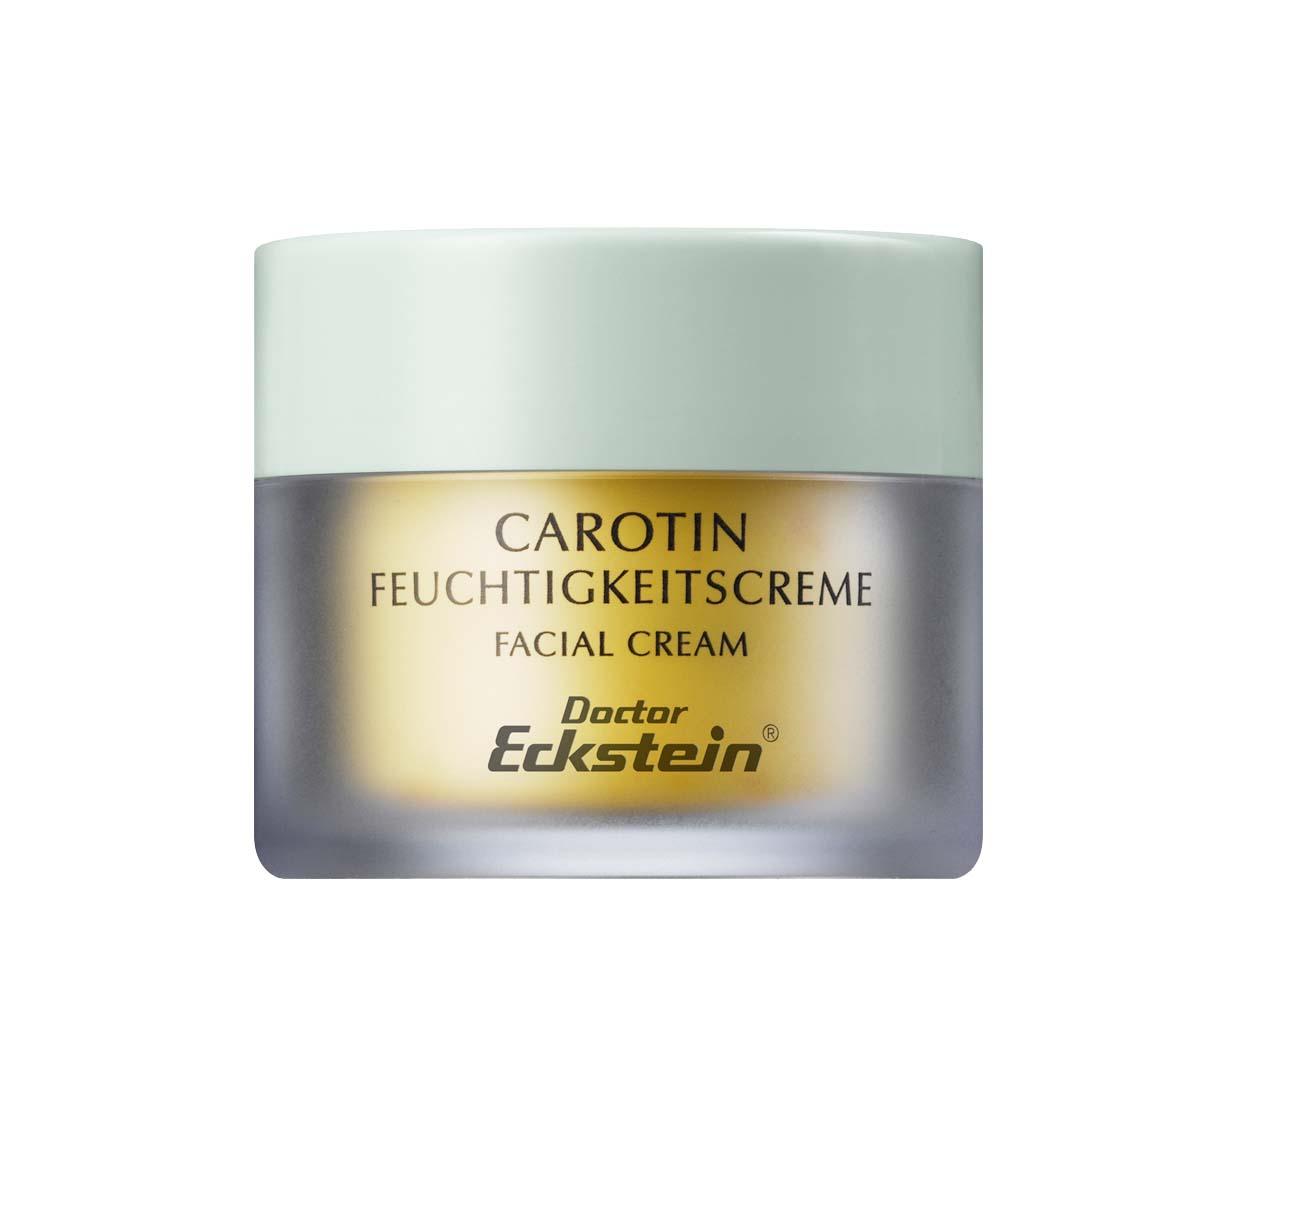 1x Doctor Eckstein® Carotin Feuchtigkeitscreme 50 ml